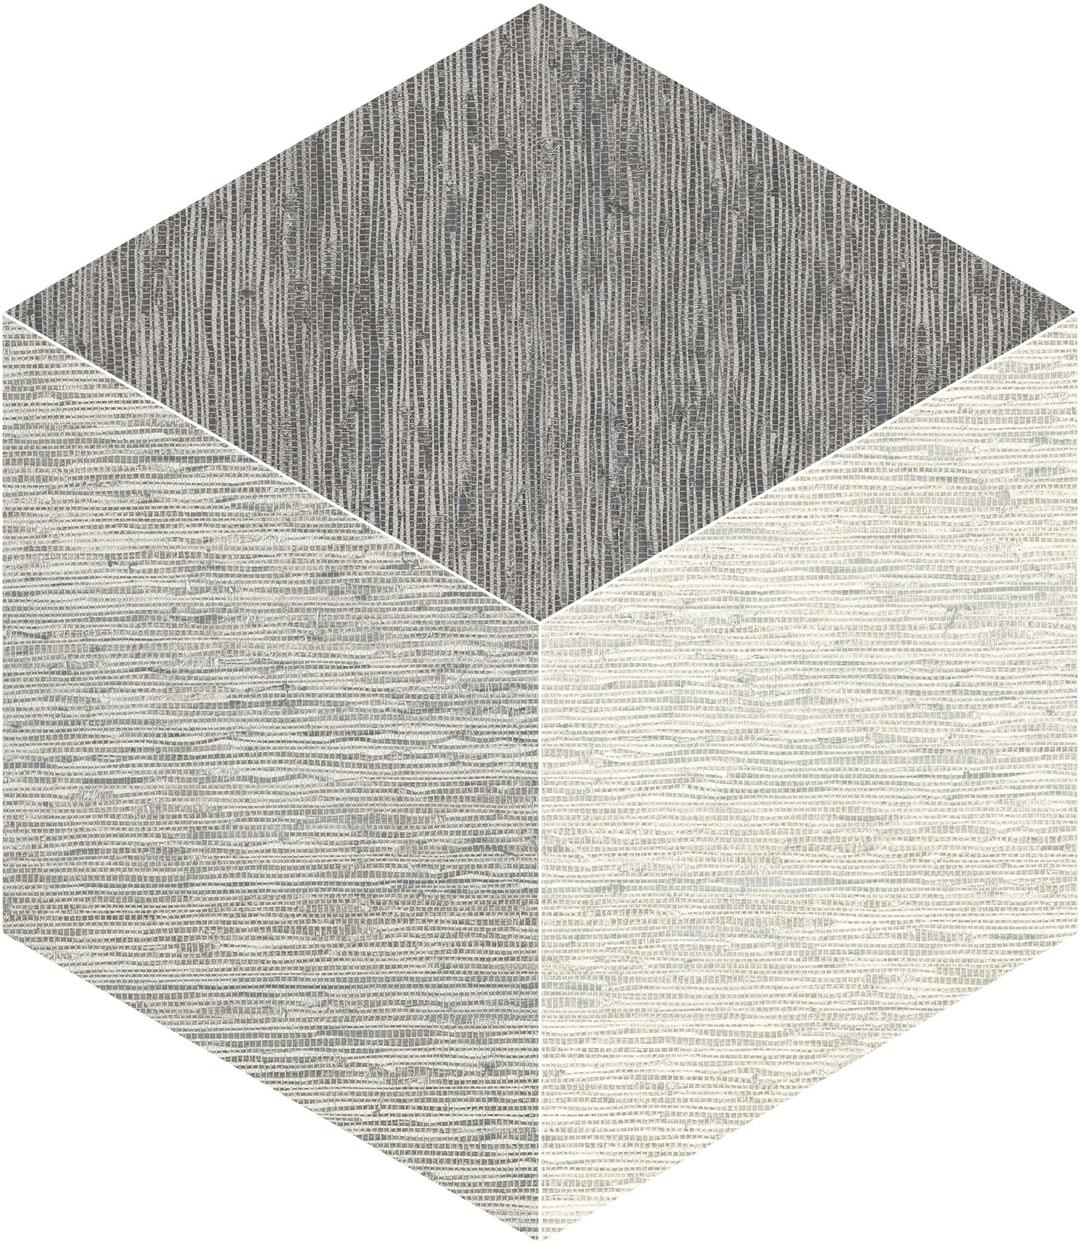 Hexagon Bali Diamond 32x36.9 cm   Floor & Wall tile/ Porcelain / Matt/ V2